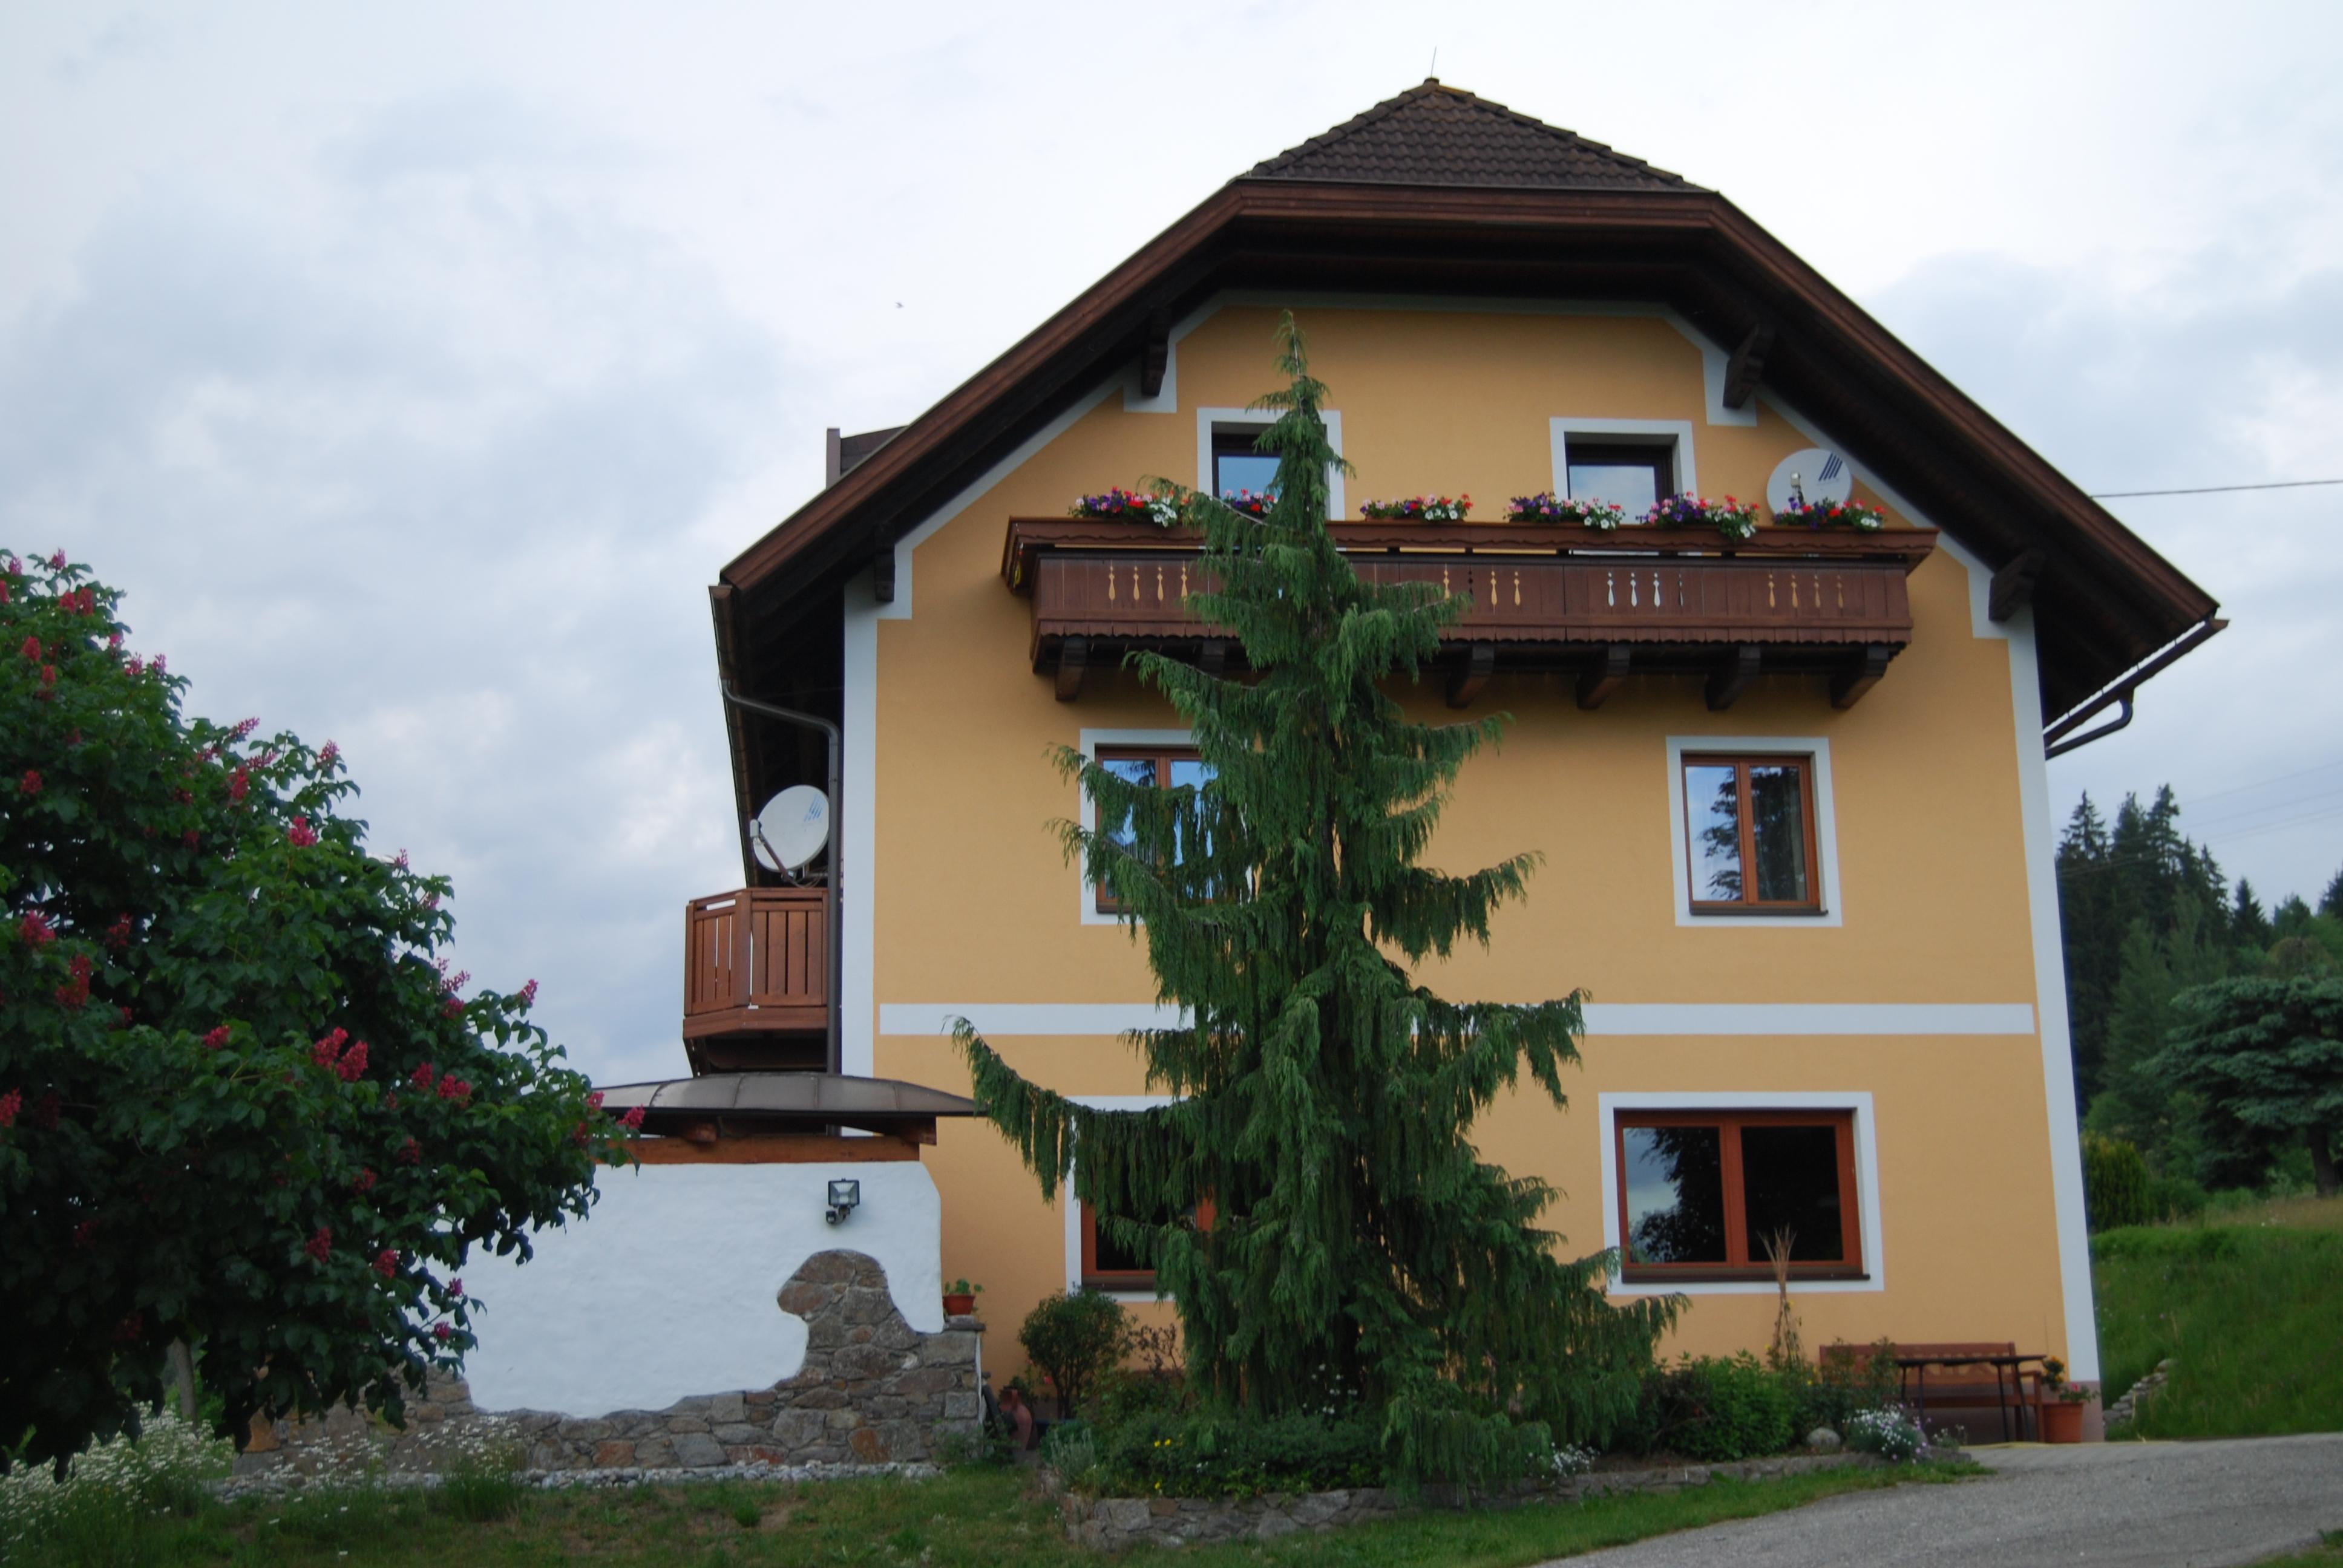 Haus von Osten